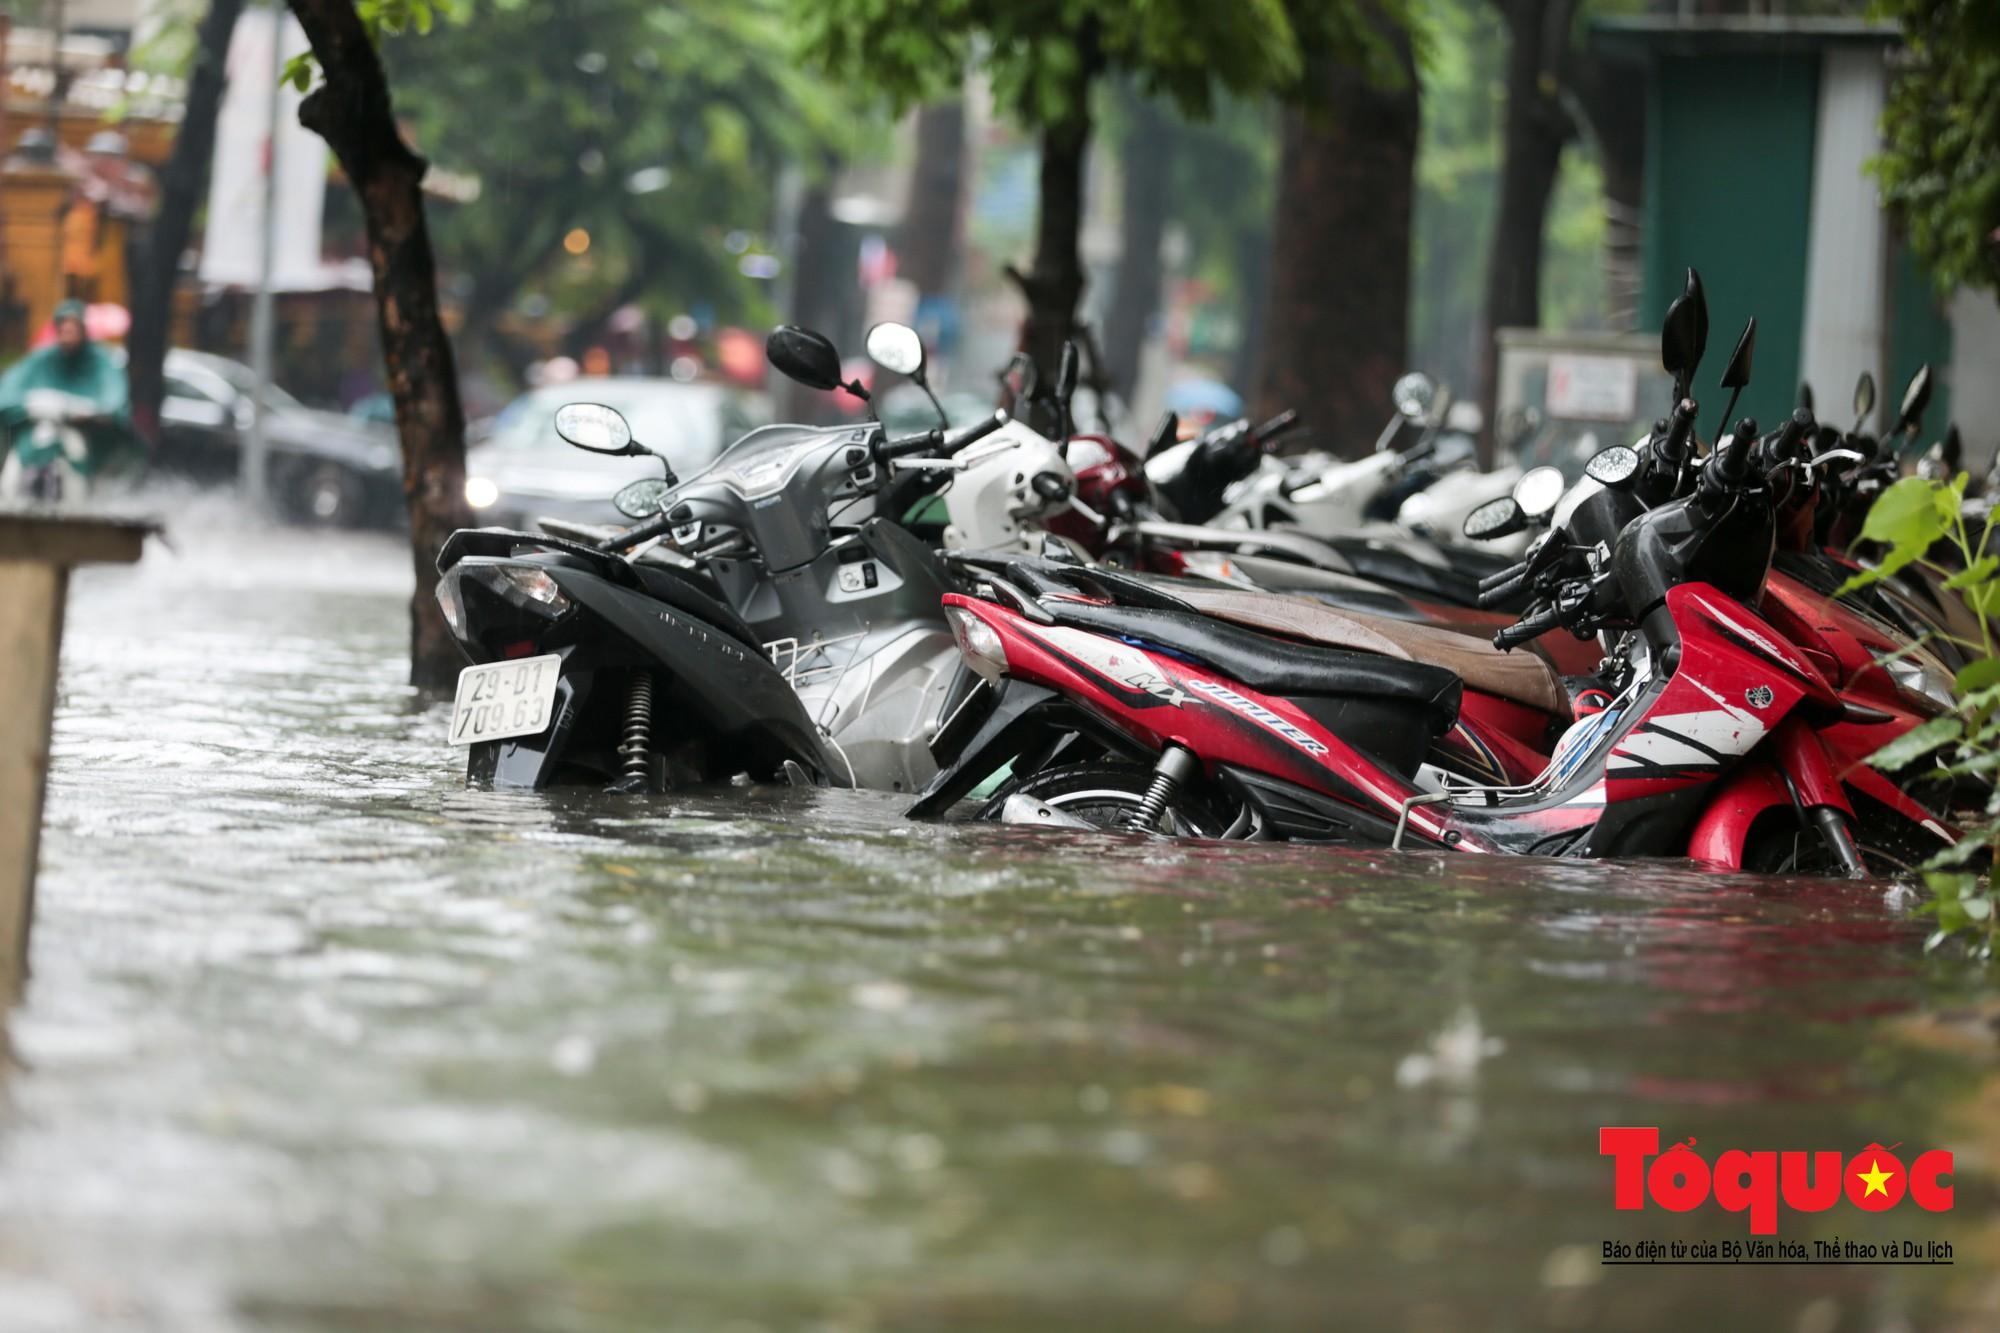 Hà Nội mưa lớn bất ngờ, nhiều tuyến đường lại ngập trong sâu biển nước8